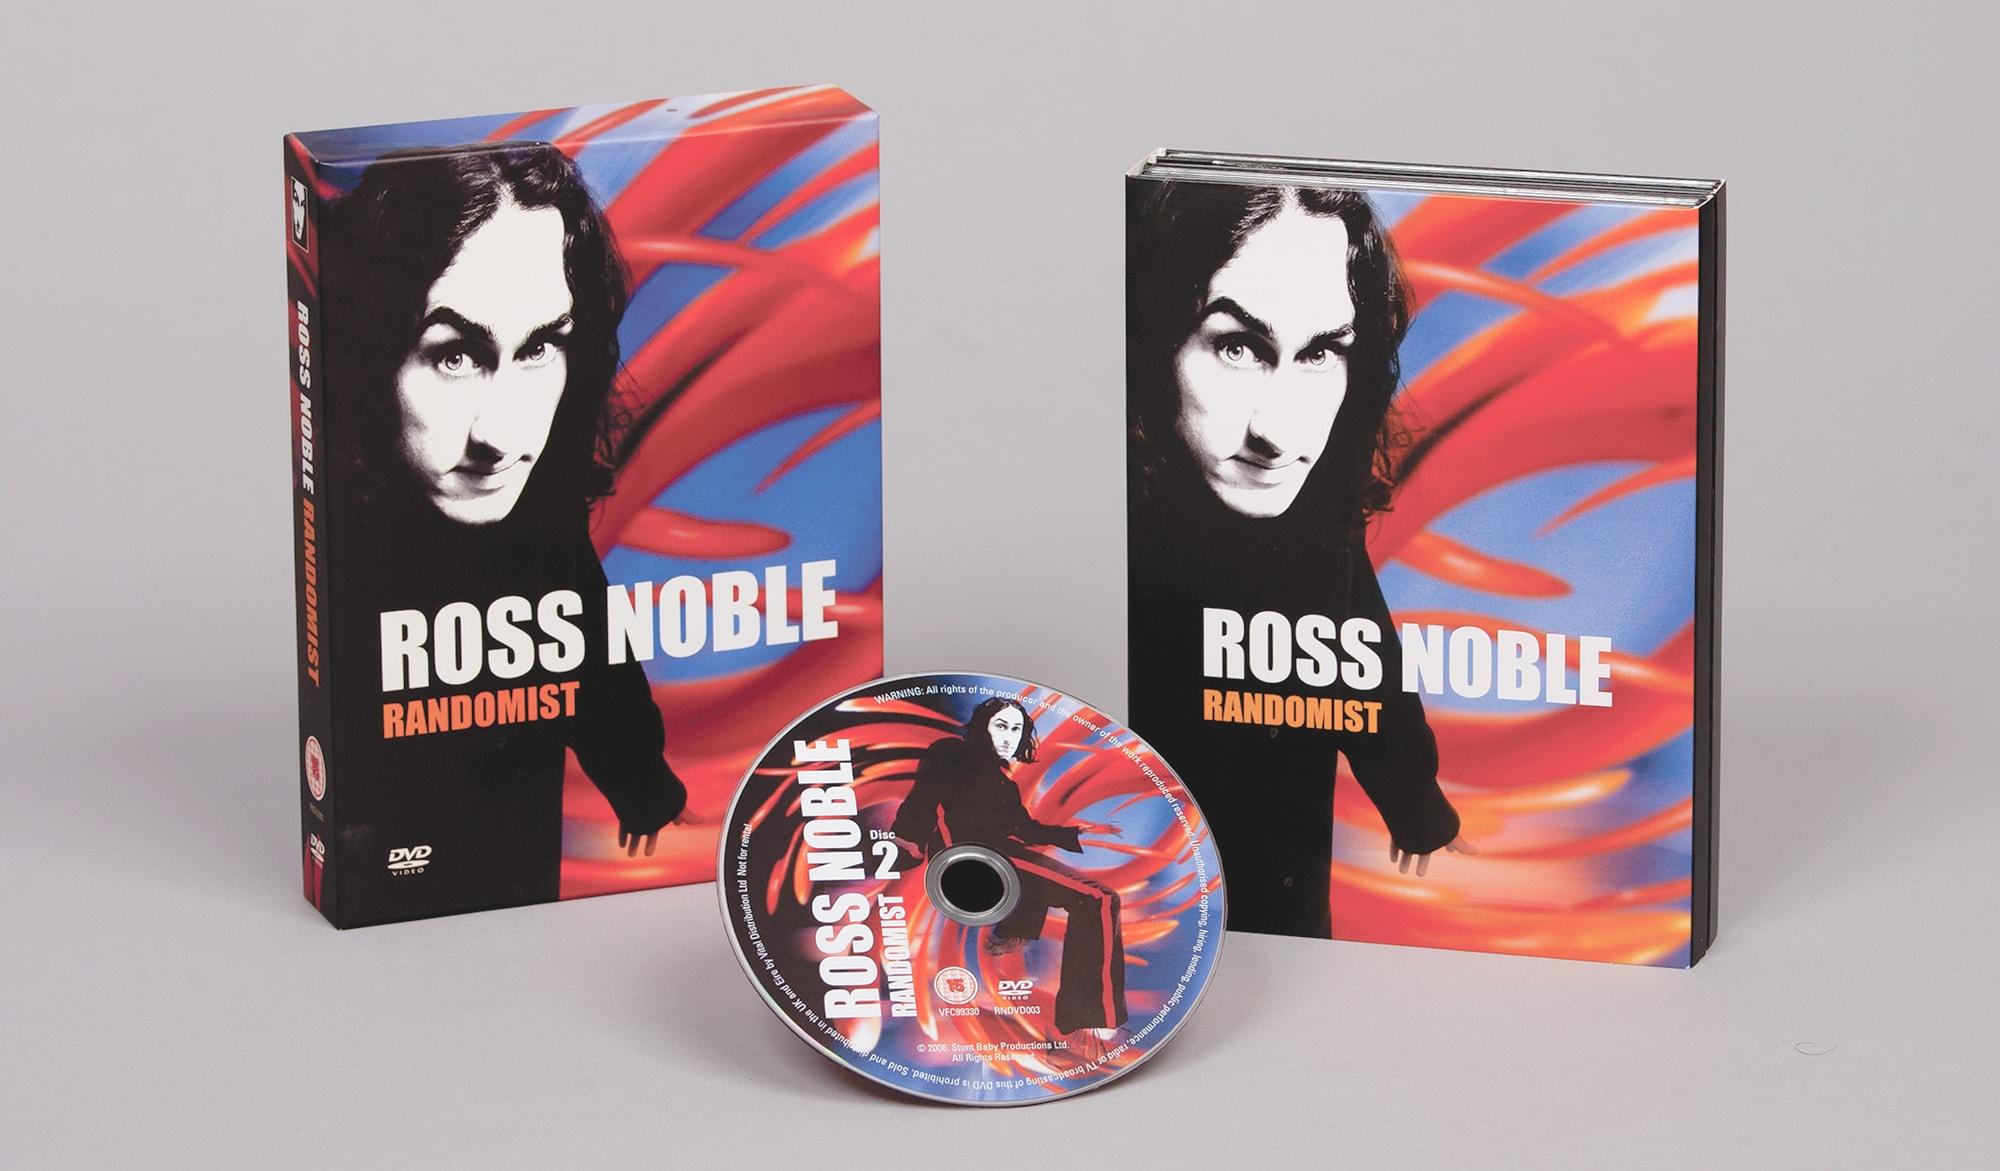 Ross Noble - Randomist - DVD packaging